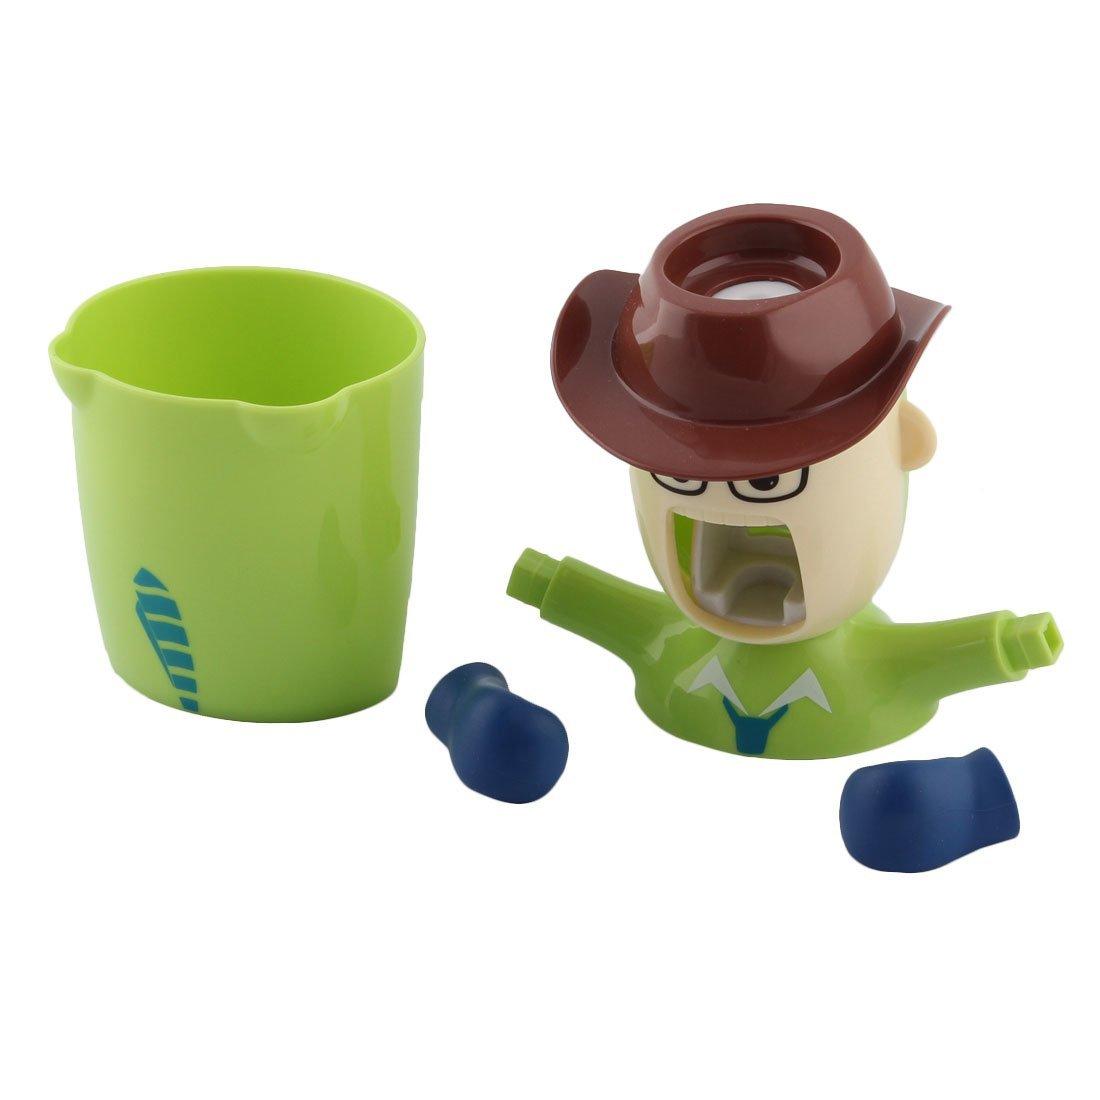 Amazon.com: eDealMax de dibujos animados patrón de plástico Baño Pasta de dientes automático dispensador del exprimidor de la Copa de almacenamiento del ...